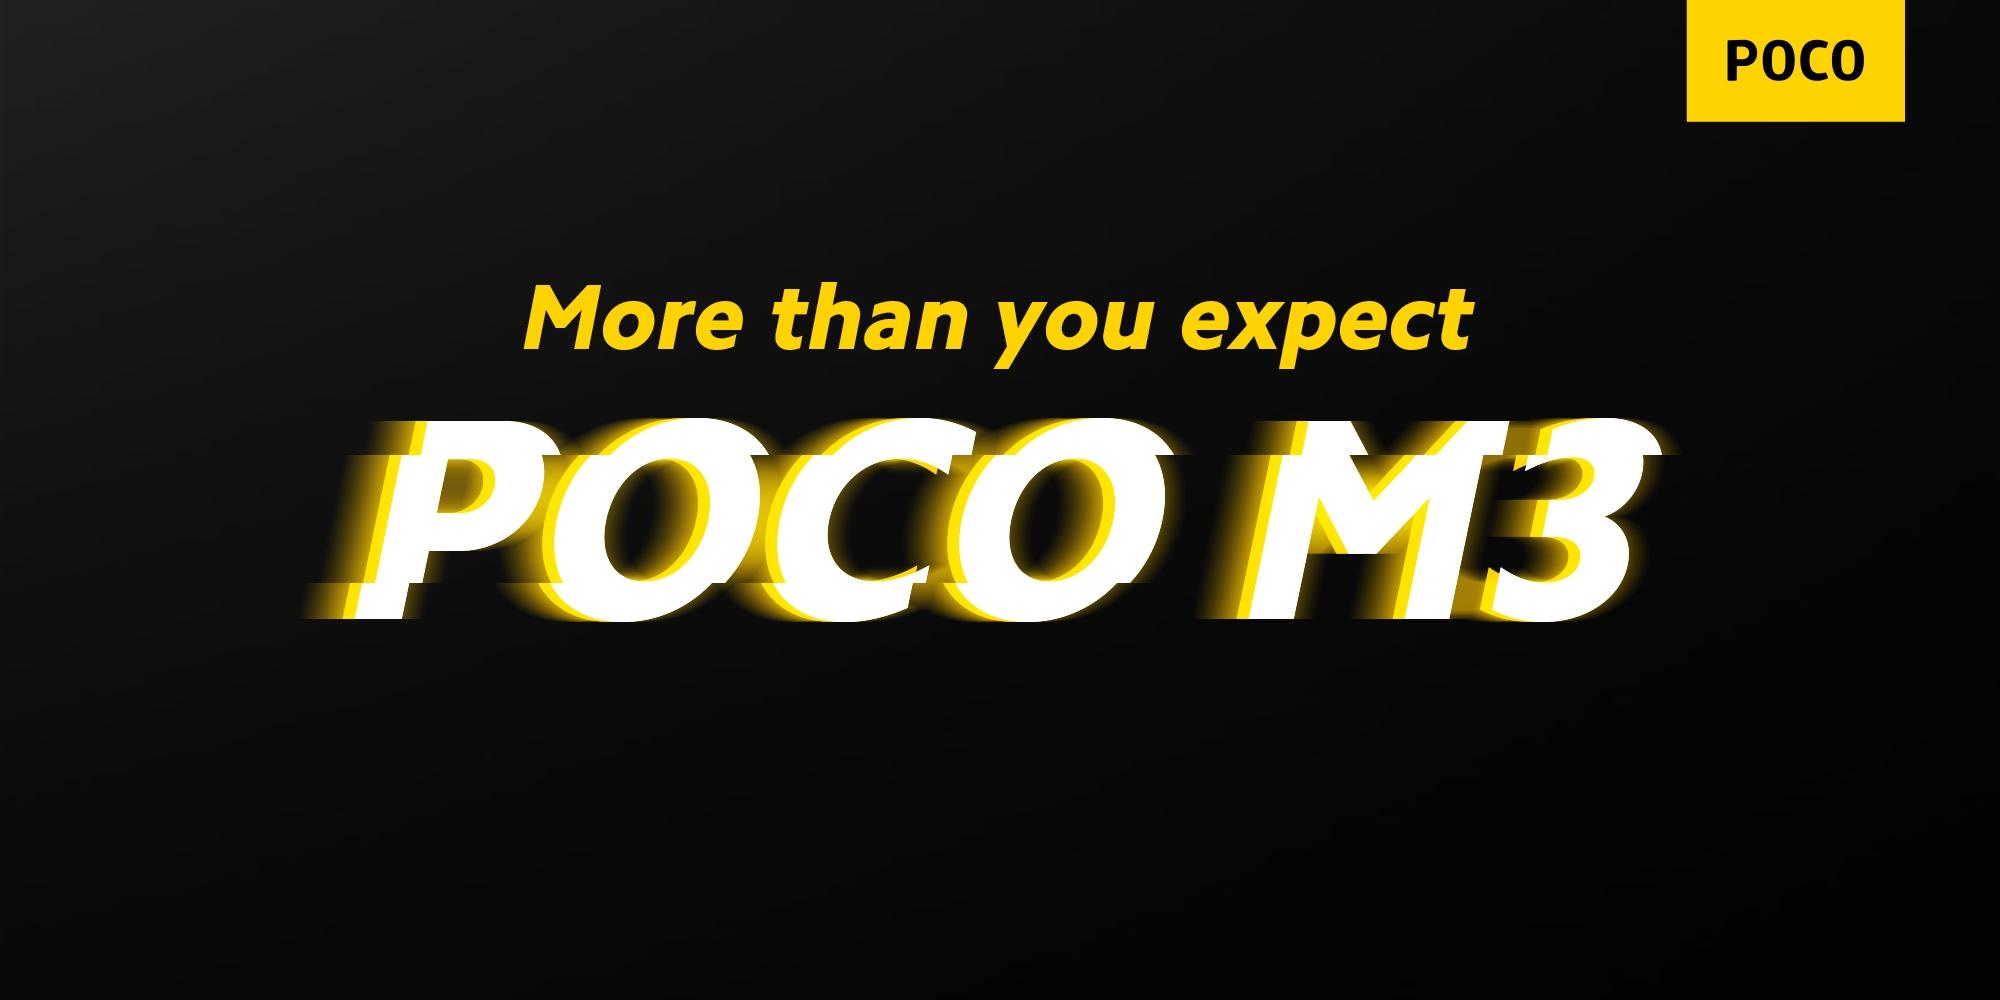 Неожиданно: Xiaomi 24 ноября представит бюджетный смартфон POCO M3